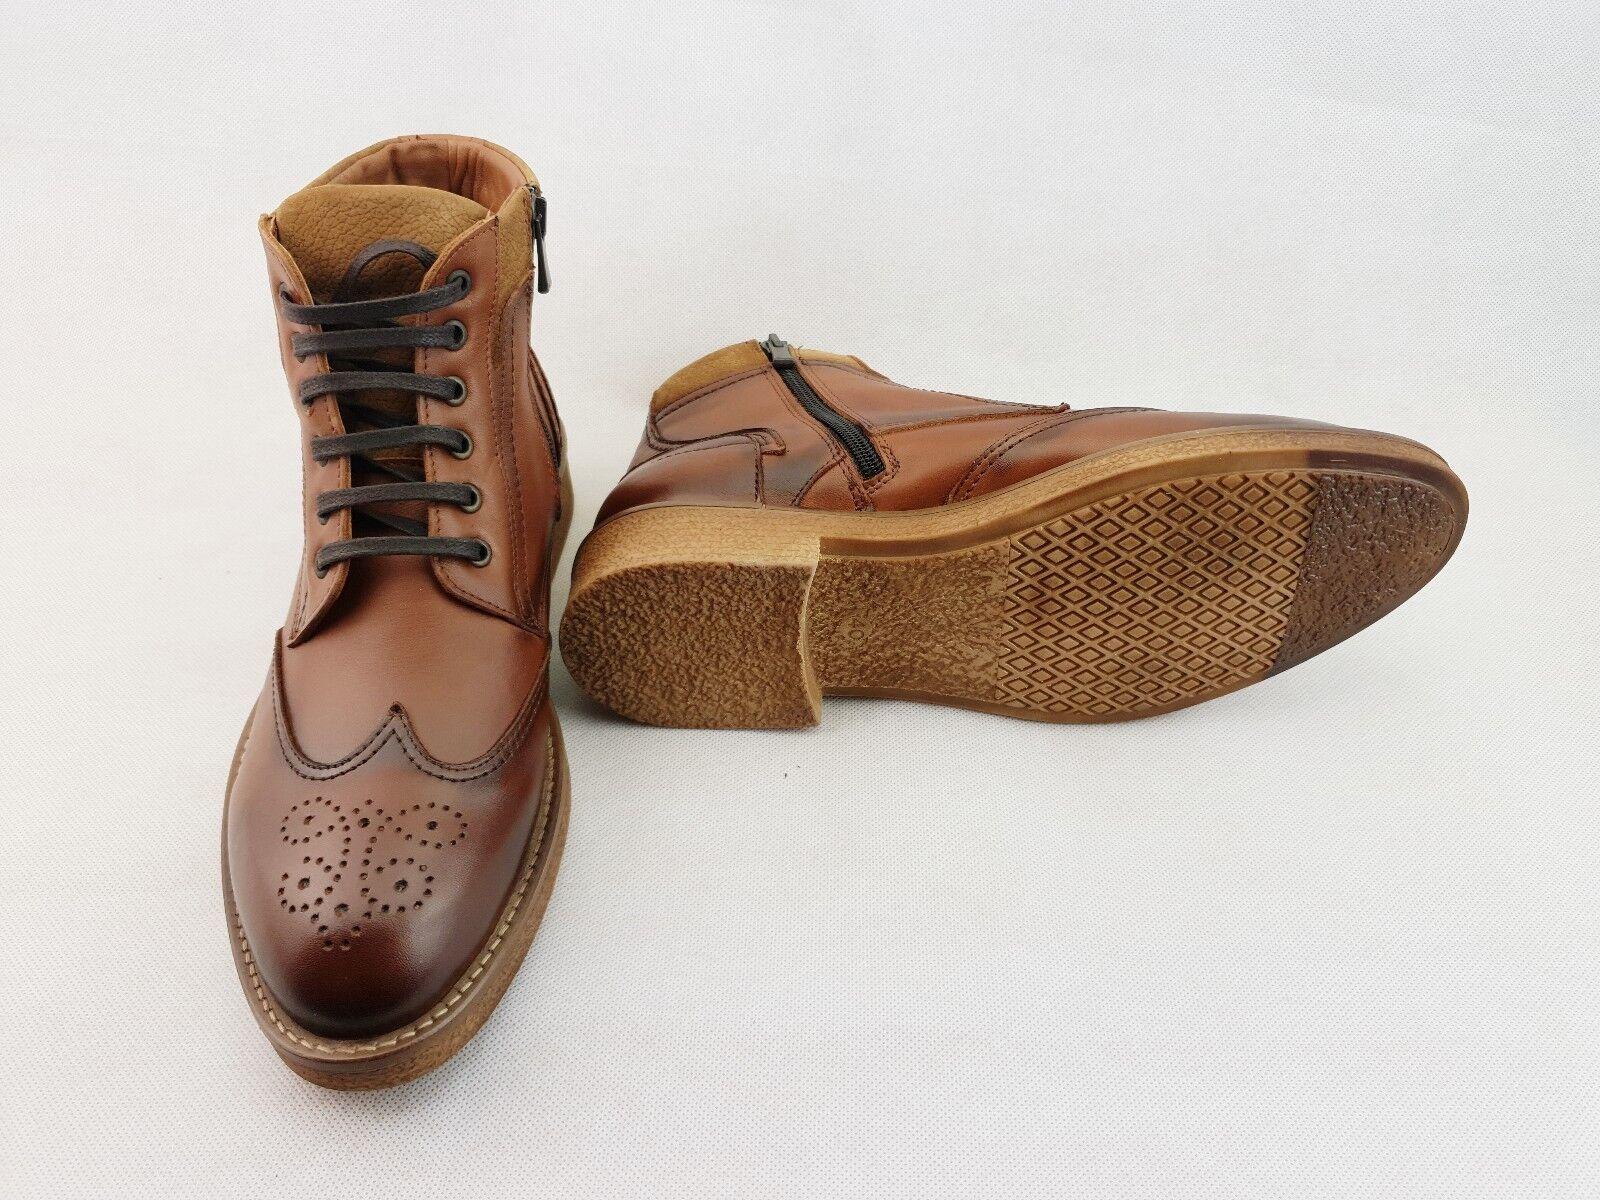 Leather Saddlers männer Stiefel Größe Uk 9